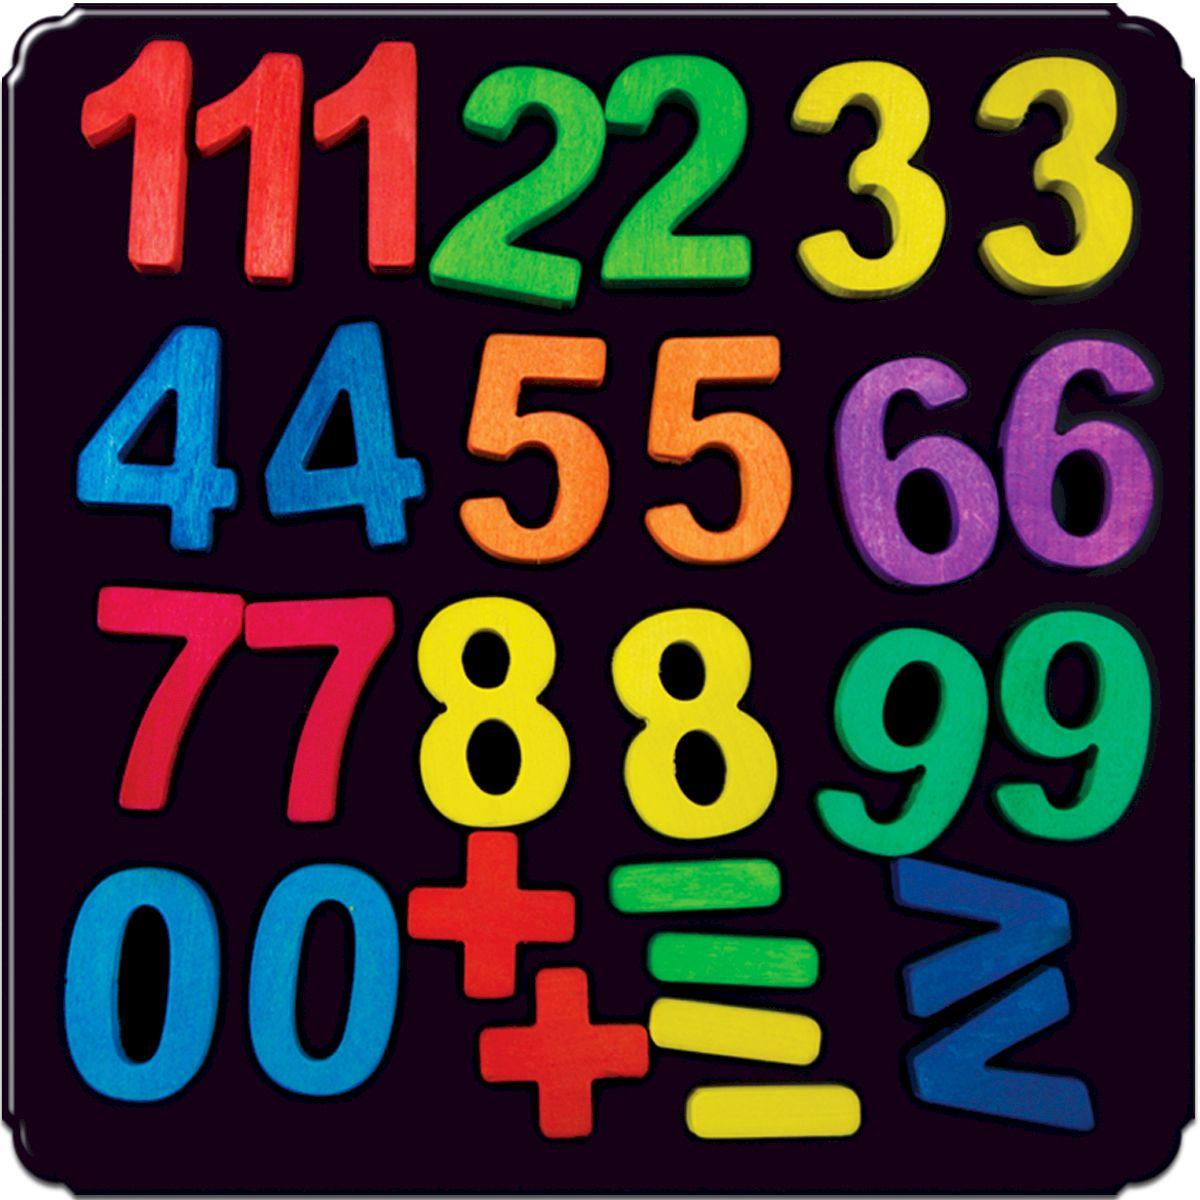 Деревяшкино Обучающая игра Магнитные Цифры104Развивающая тематическая игрушка (средней степени сложности) подходит для мальчиков и девочек в возрасте от 3 лет. Поможет в обучении малыша счету. Игра с цветными цифрами поможет малышу изучить цвета. Игрушка развивает математические способности, память, мелкую моторику детских ручек, усидчивость и терпение. Теперь обучение счету и математическим знакам станет намного проще и интереснее, ведь все это происходит в игровой форме. Экологически чистый продукт: изготовлено вручную из массива березы. Игрушка раскрашена пищевой водостойкой краской, что делает взаимодействие с изделием абсолютно безопасным: никаких лаков, «химии» или добавок.